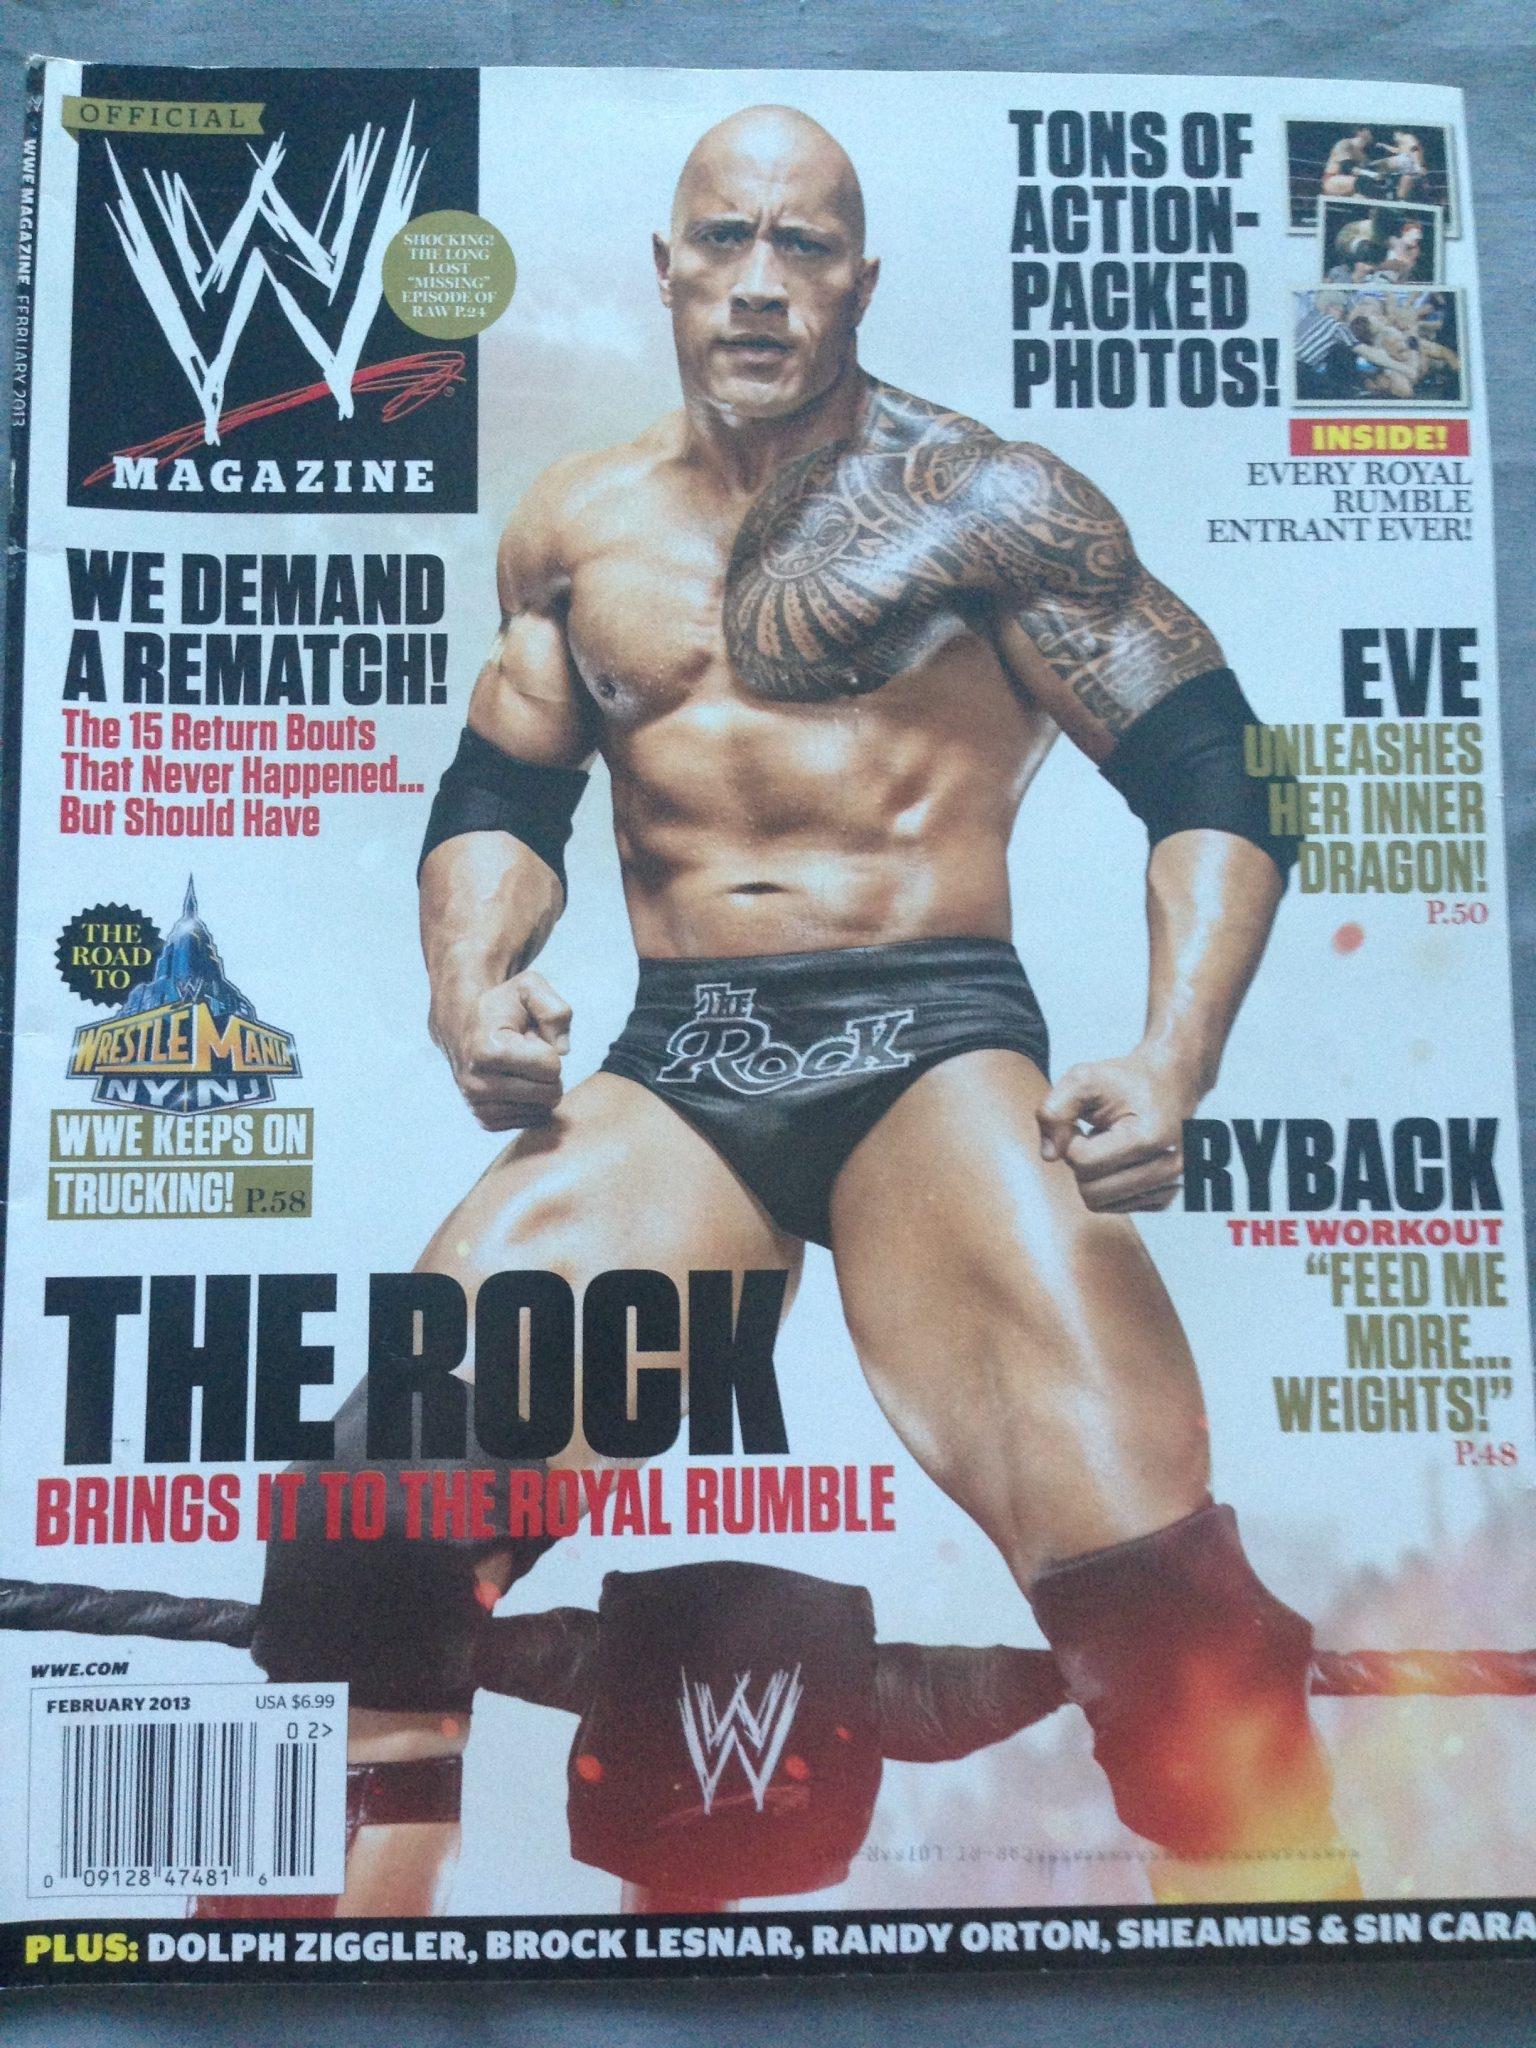 WWE MAGAZINE FEBRUARY 2014 EPUB